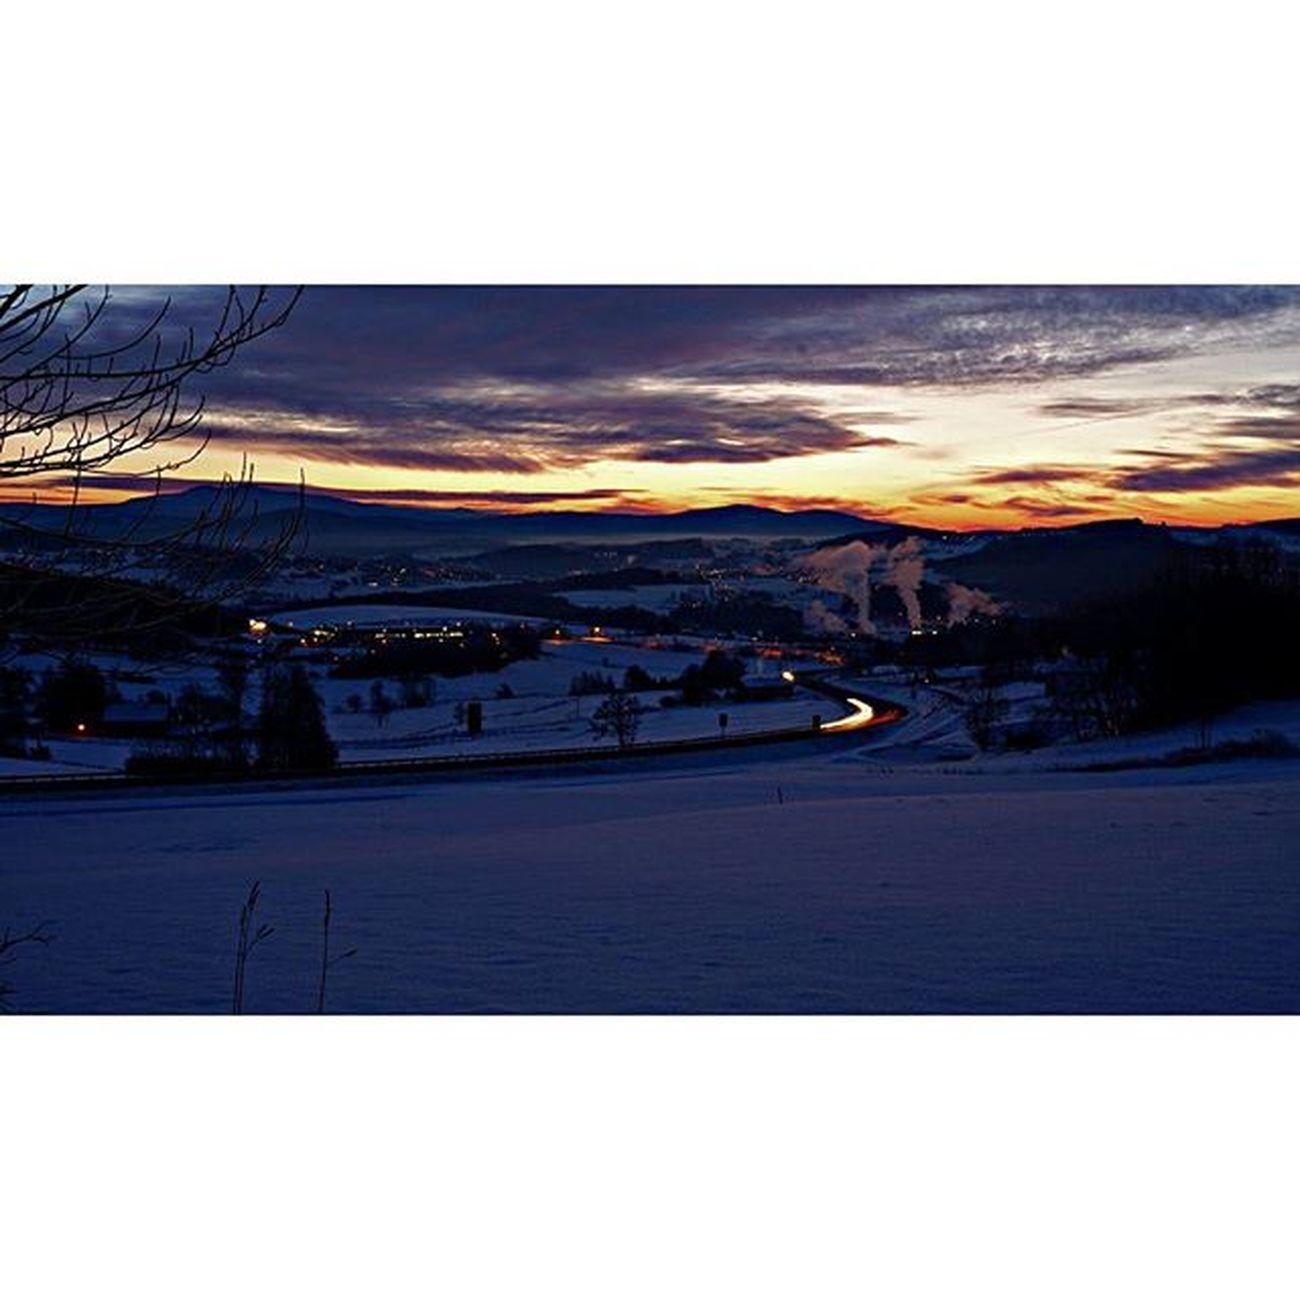 💎One of my besteht shots 📷 Oneofmybestshots Landscape Favorite Likethispic Langzeitaufnahme Profi Ohnesrativ Vorderschule Sonnenaufgang Etzisabaschluss ! Ausis